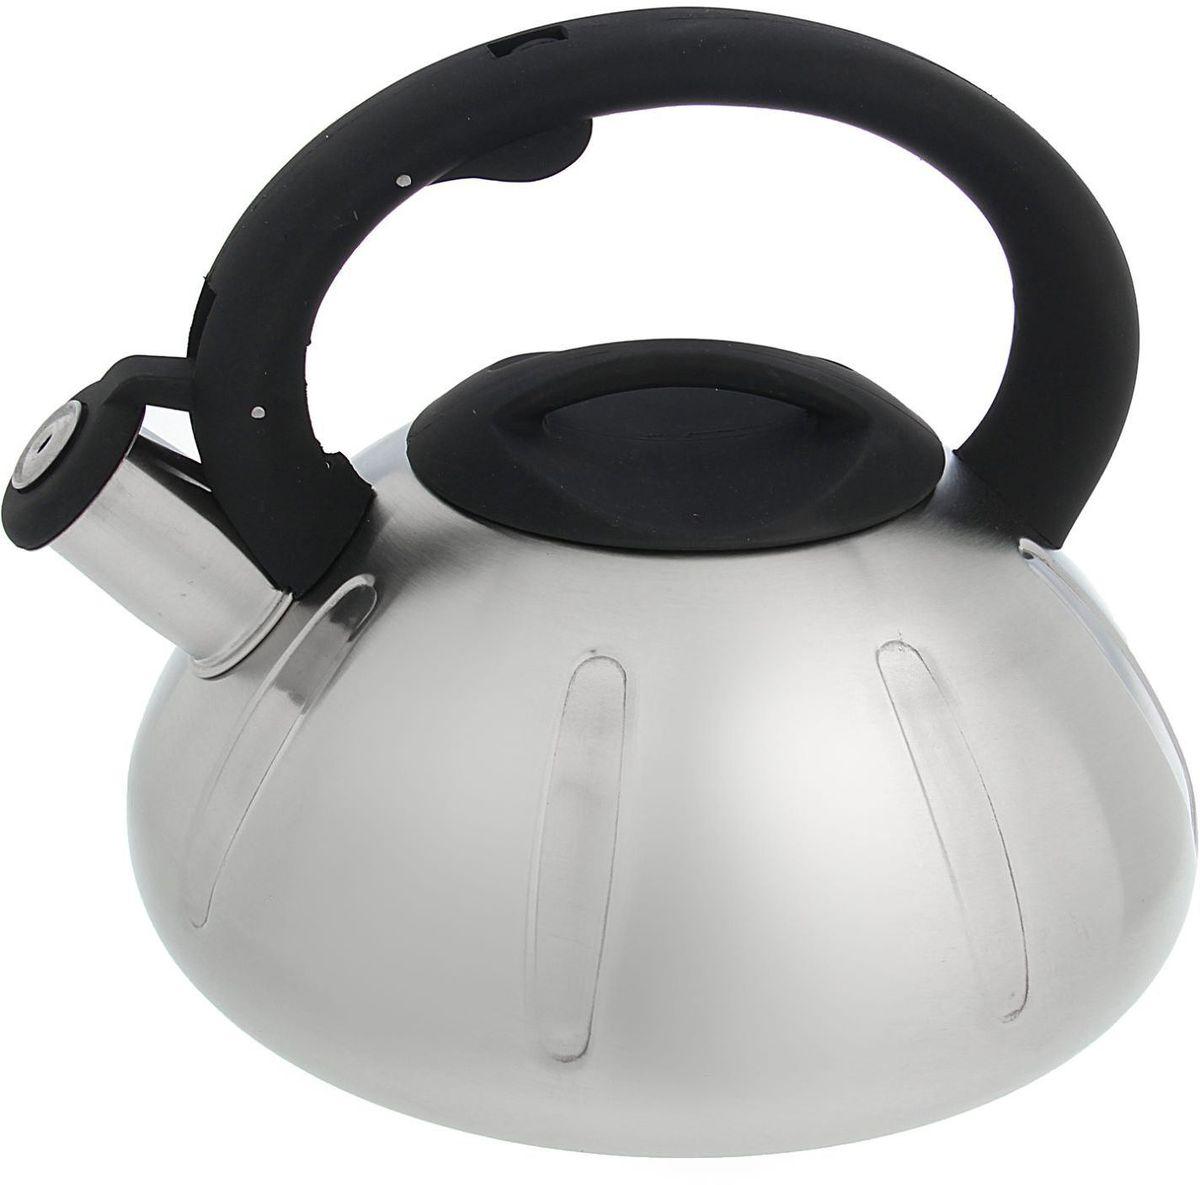 Чайник Доляна Глобал, со свистком, цвет: серый, 2,8 л1405211Бытовая посуда из нержавеющей стали славится неприхотливостью в уходе и безукоризненной функциональностью. Коррозиестойкий сплав обеспечивает гигиеничность изделий. Чайники из этого материала абсолютно безопасны для здоровья человека. Чем привлекательна посуда из нержавейки? Чайник из нержавеющей стали станет удачной находкой для дома или ресторана: благодаря низкой теплопроводности модели вода дольше остается горячей; необычный дизайн радует глаз и поднимает настроение; качественное дно гарантирует быстрый нагрев. Как продлить срок службы? Ухаживать за новым приобретением элементарно просто, но стоит помнить о нескольких нехитрых правилах. Во-первых, не следует применять абразивные инструменты и сильнохлорированные моющие средства. Во-вторых, не оставляйте пустую посуду на плите. В-третьих, если вы уезжаете из дома на длительное время - выливайте воду из чайника. Если на внутренней поверхности изделия появились пятна, используйте для их удаления несколько капель уксусной или лимонной...